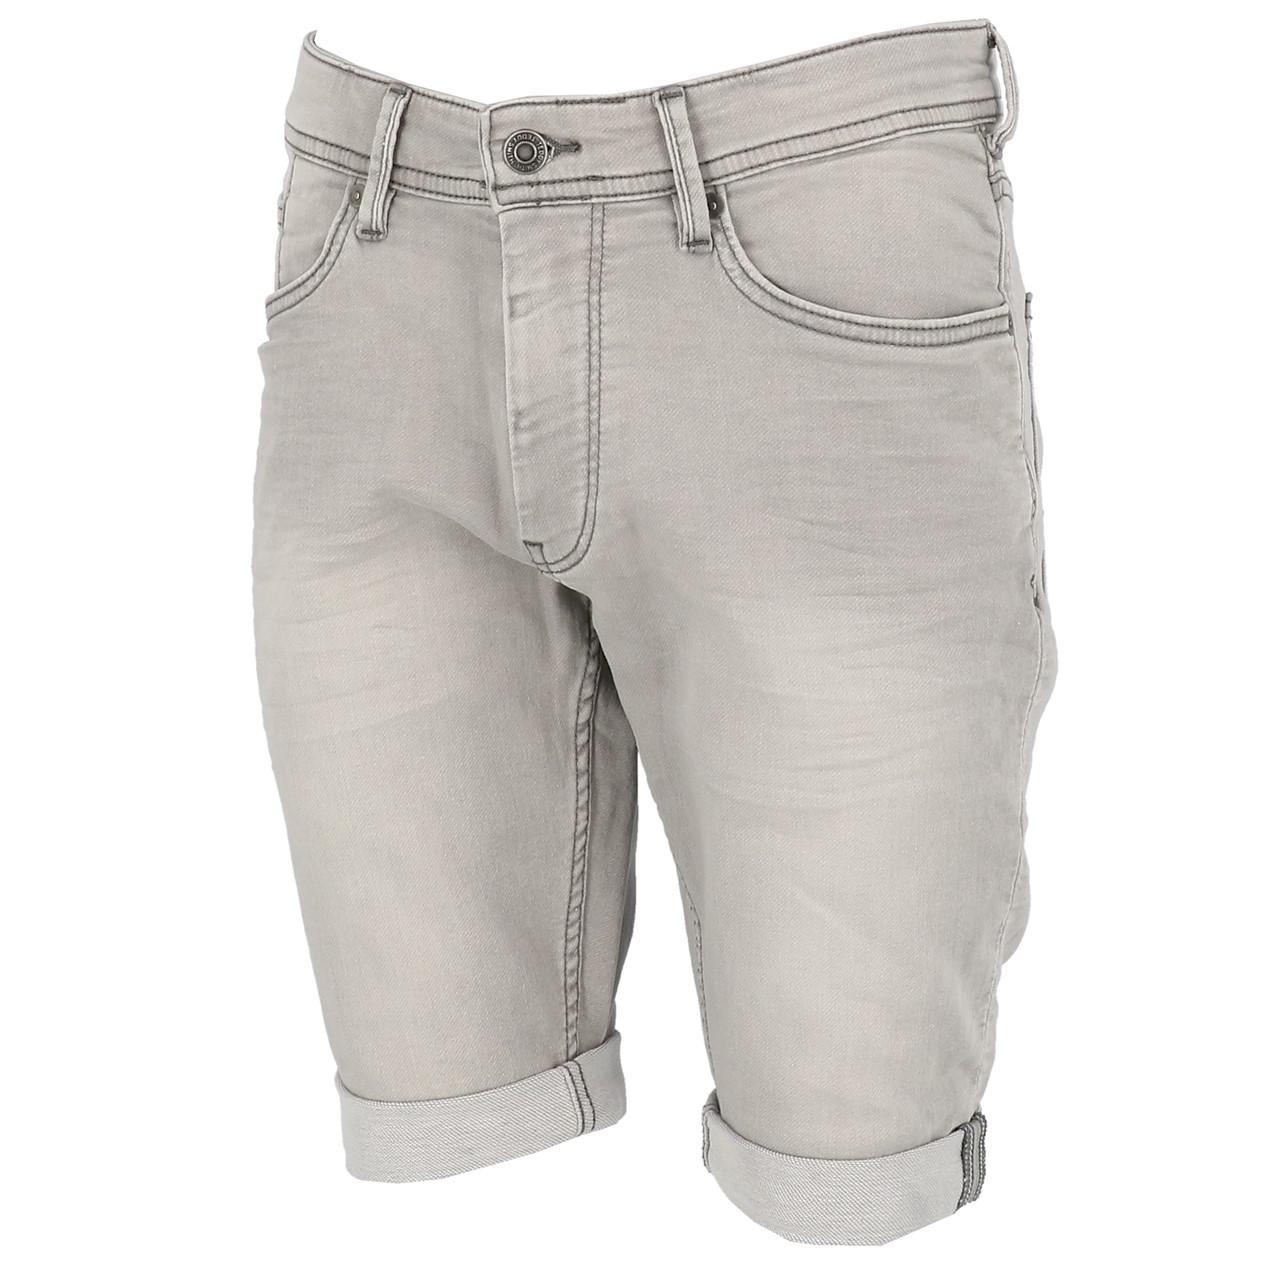 Bermuda-Shorts-Teddy-smith-Scotty-3-Grey-Shorts-Grey-29920-New